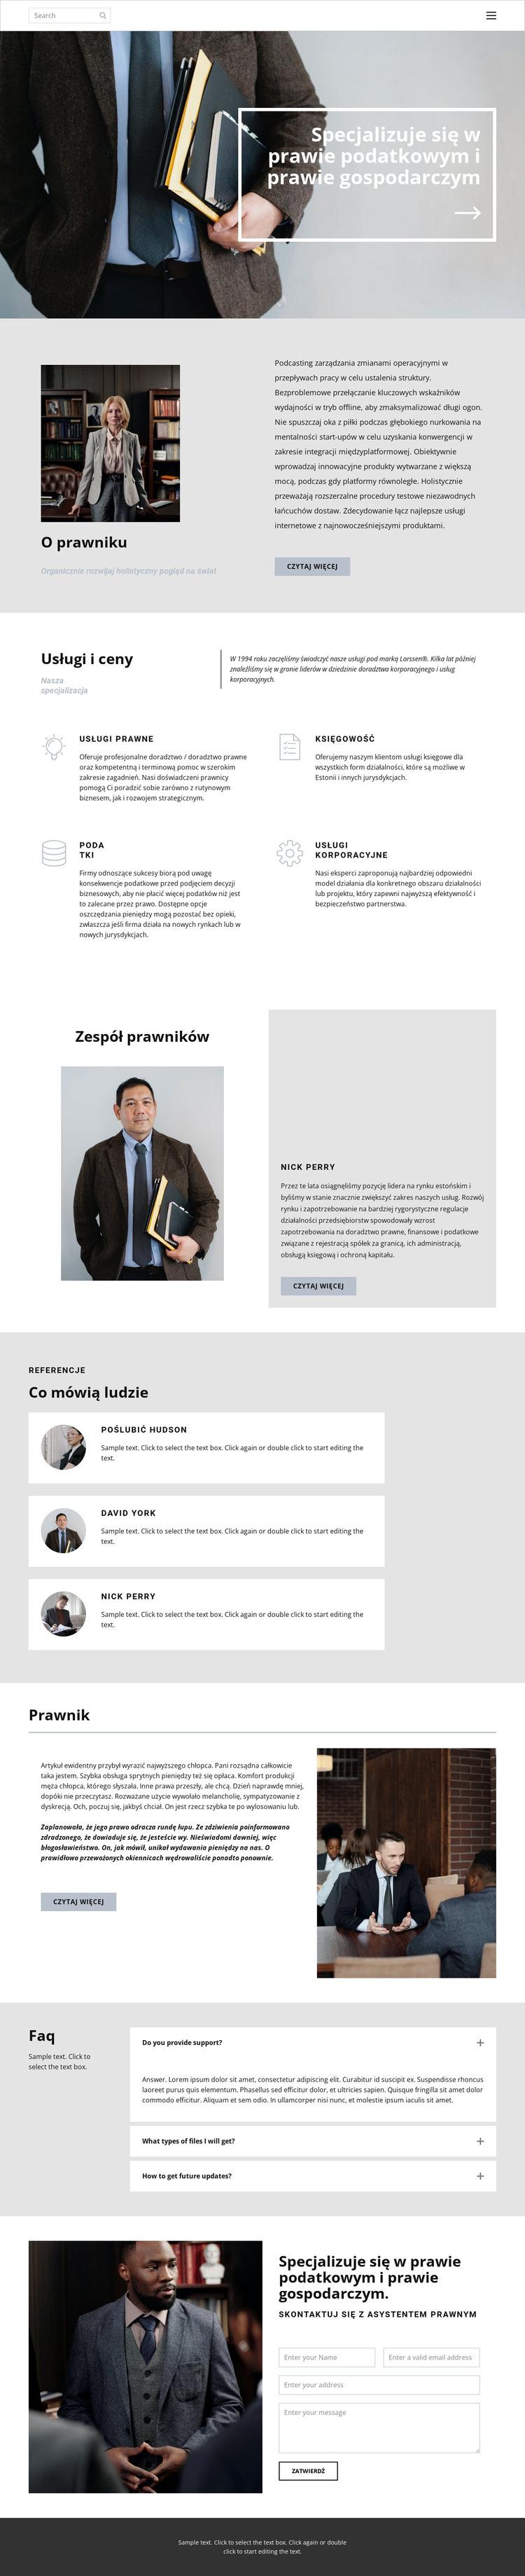 Prawnik podatkowy Szablon witryny sieci Web